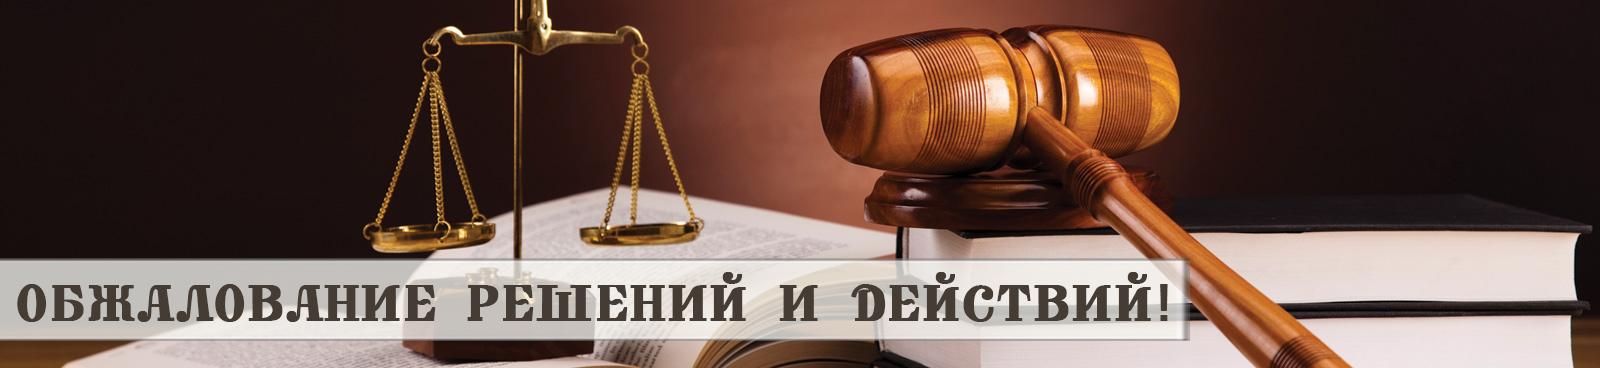 Юридические услуги по оспариванию решений и действий государственных органов и должностных лиц